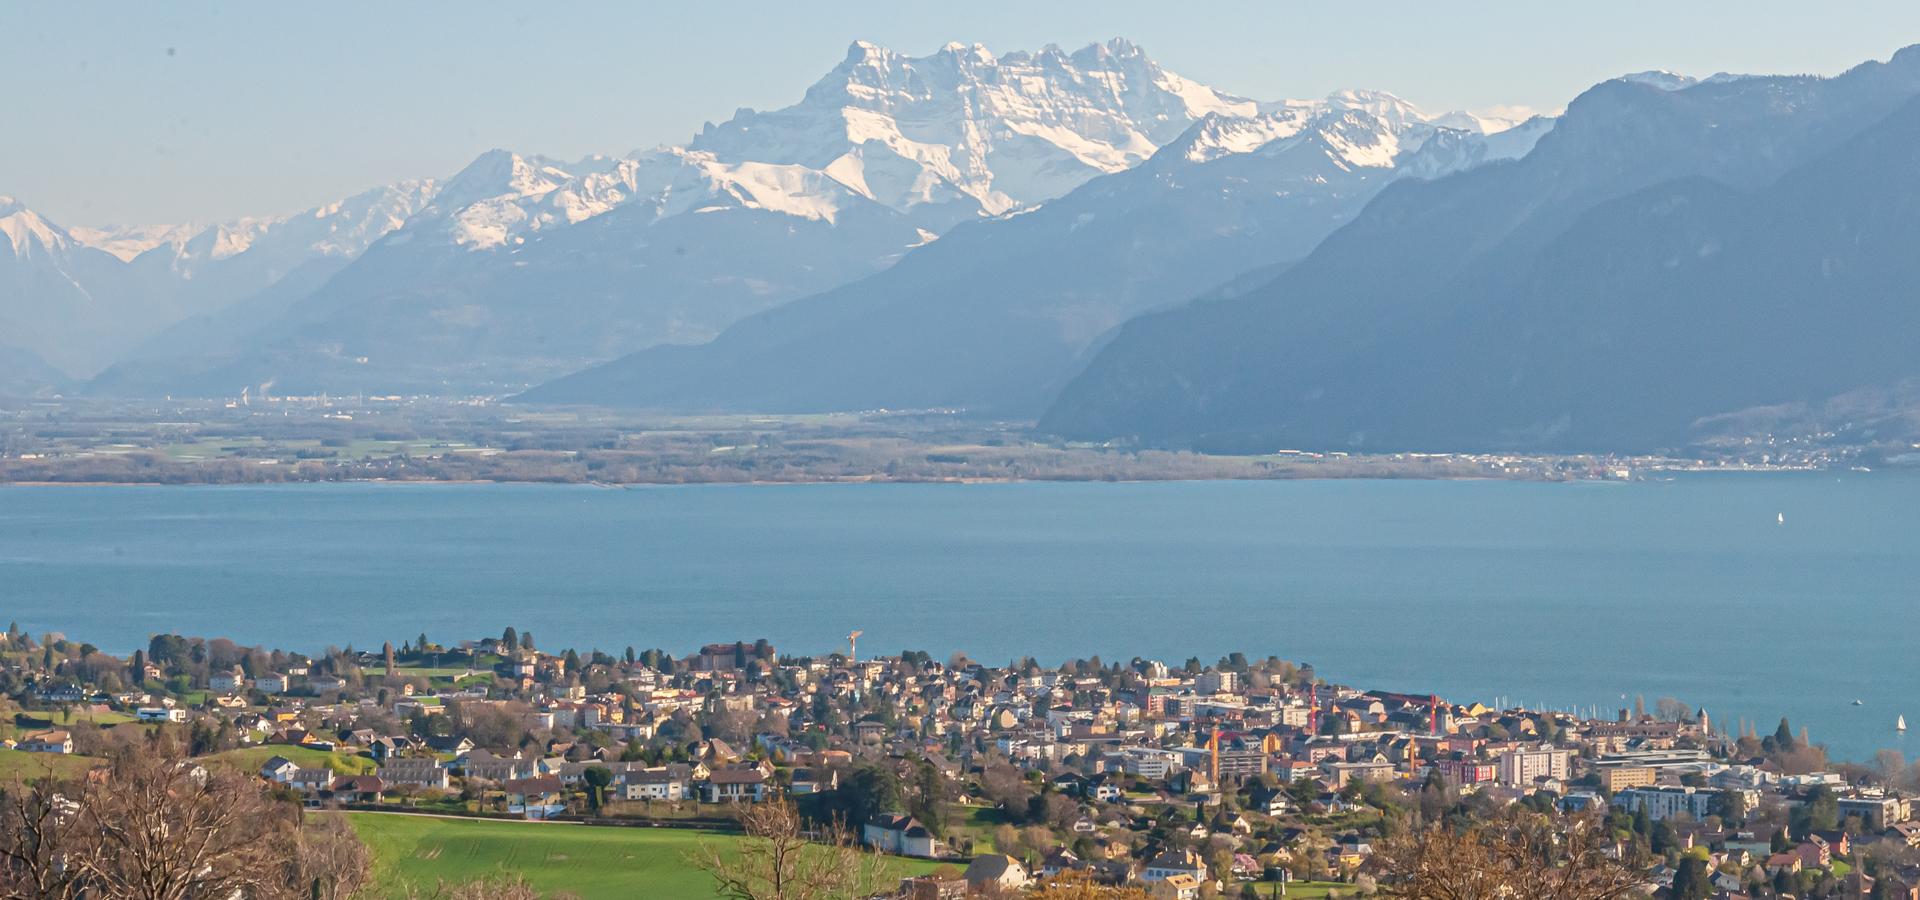 Peer-to-peer advisory in Montreux, Canton of Vaud, Switzerland